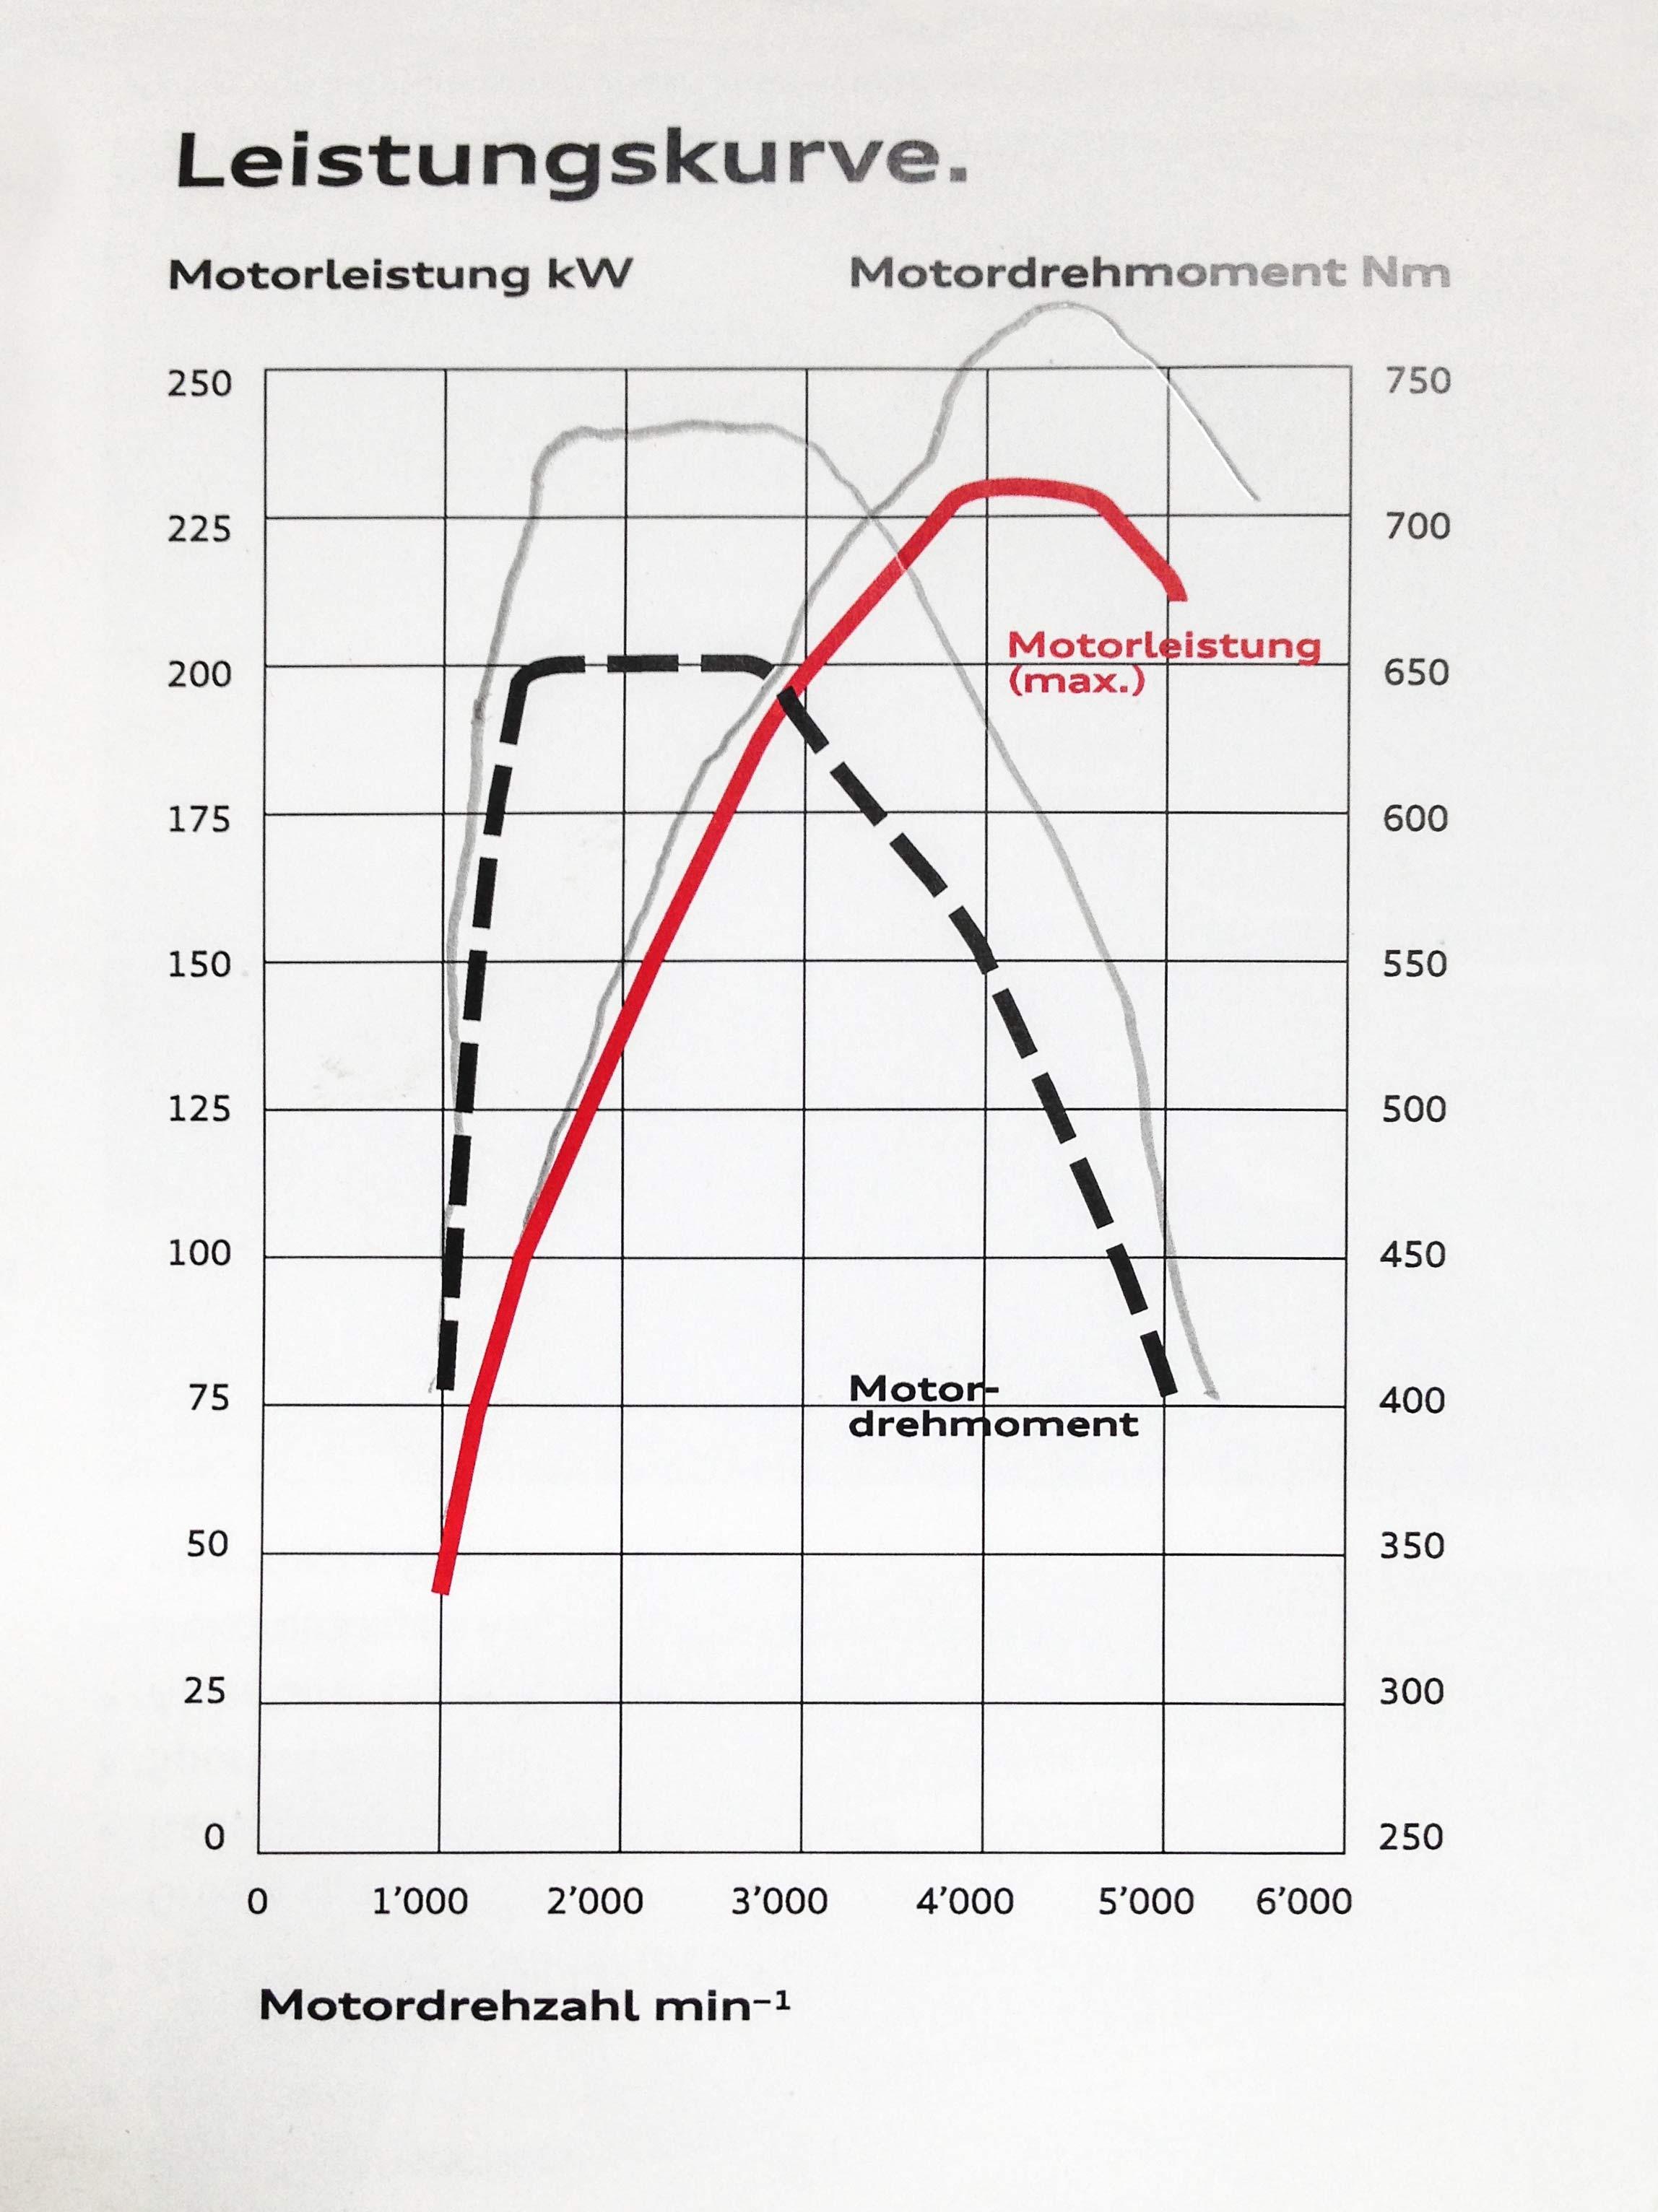 Leistungskurve vorher-nachher